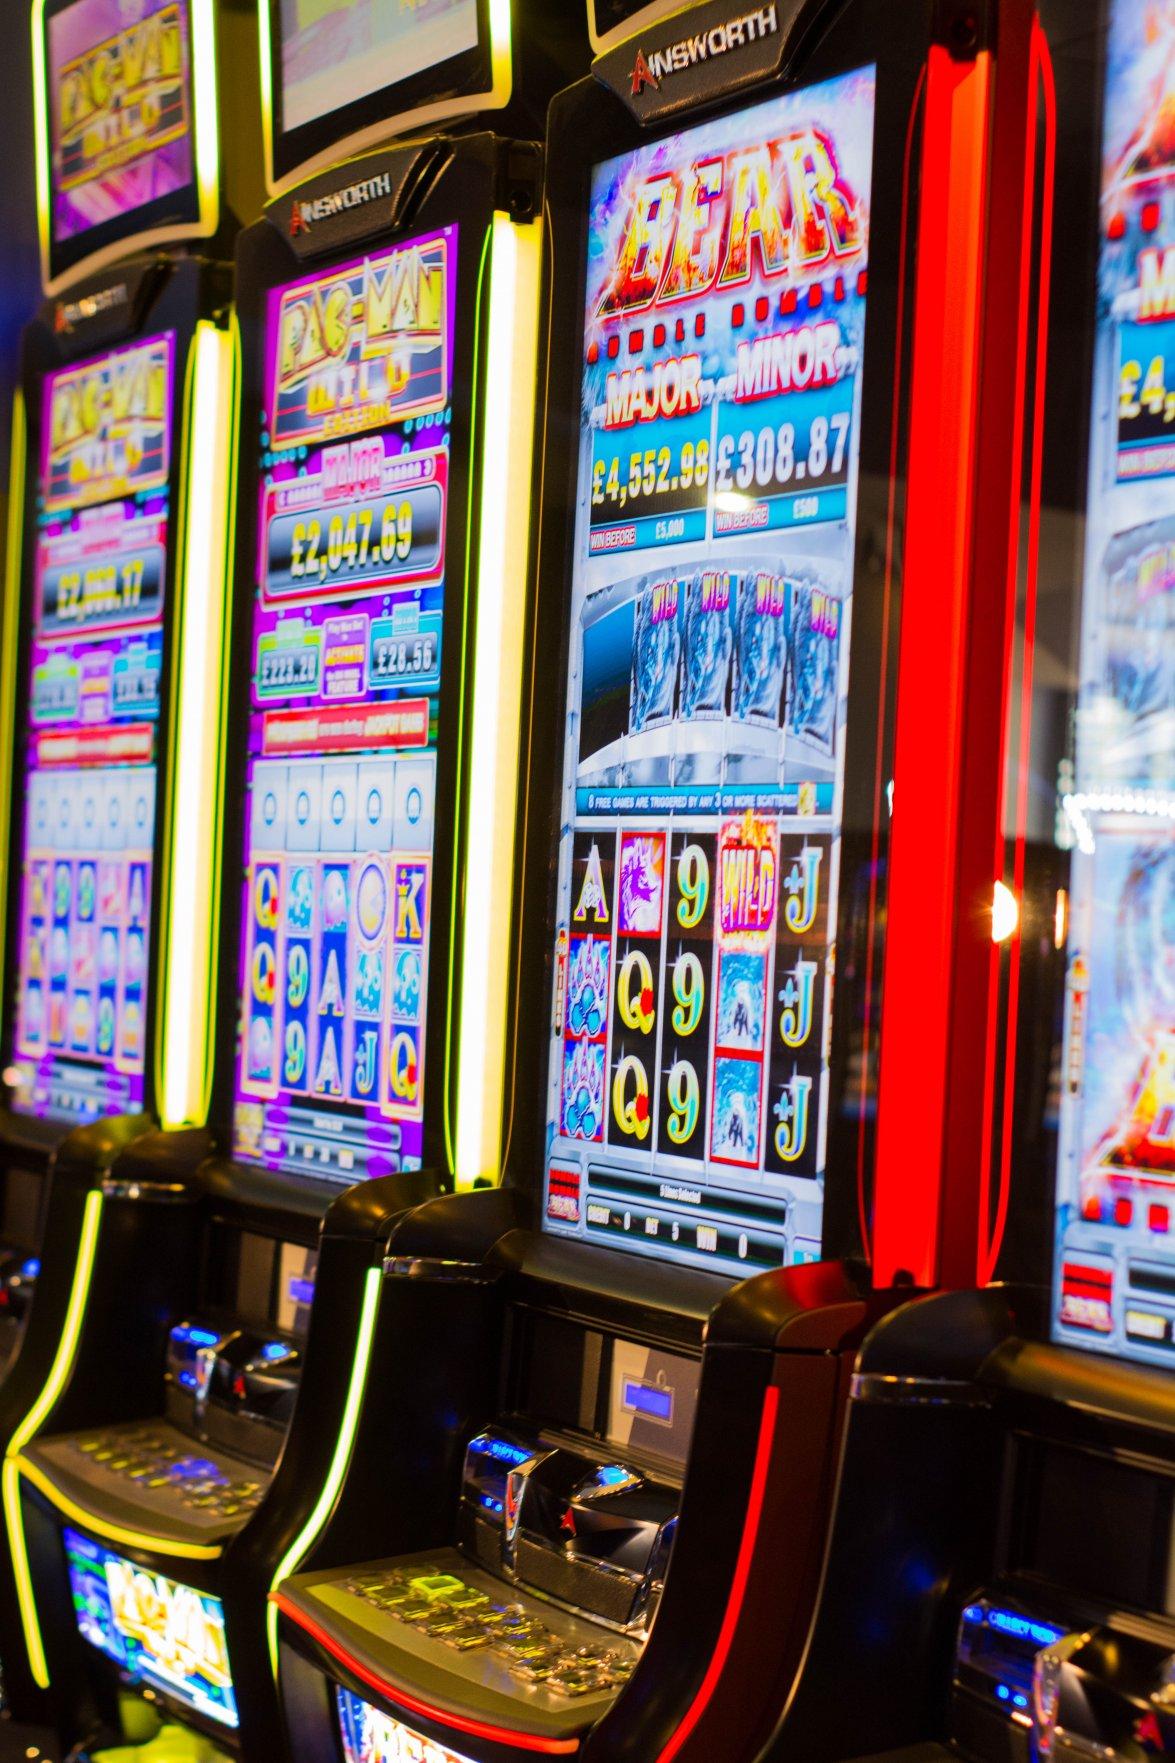 Melhor bônus casinos ainsworth 12270